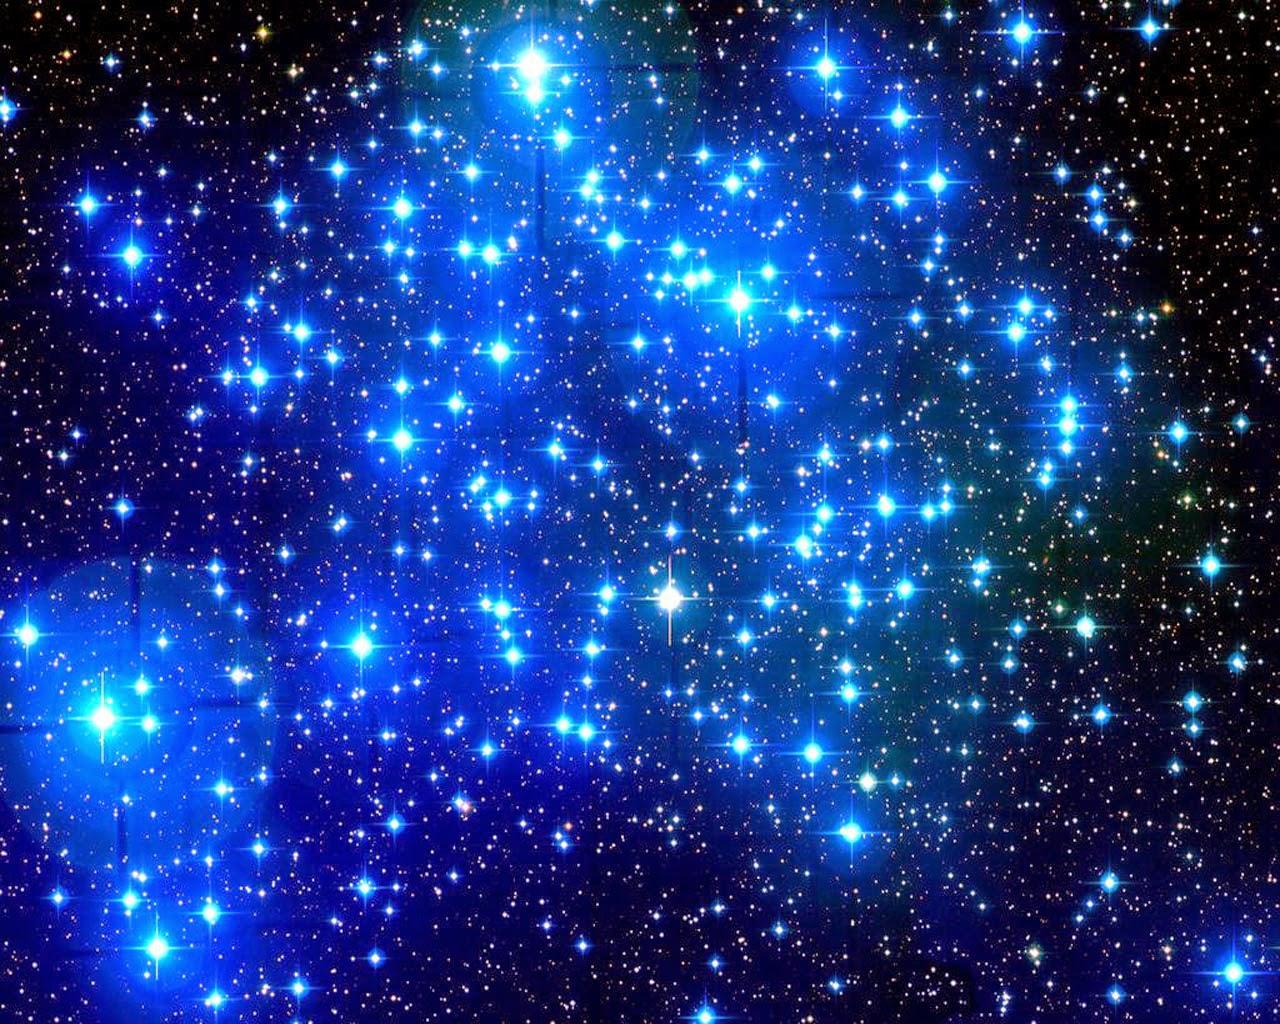 cual es el significado de soñar con estrellas